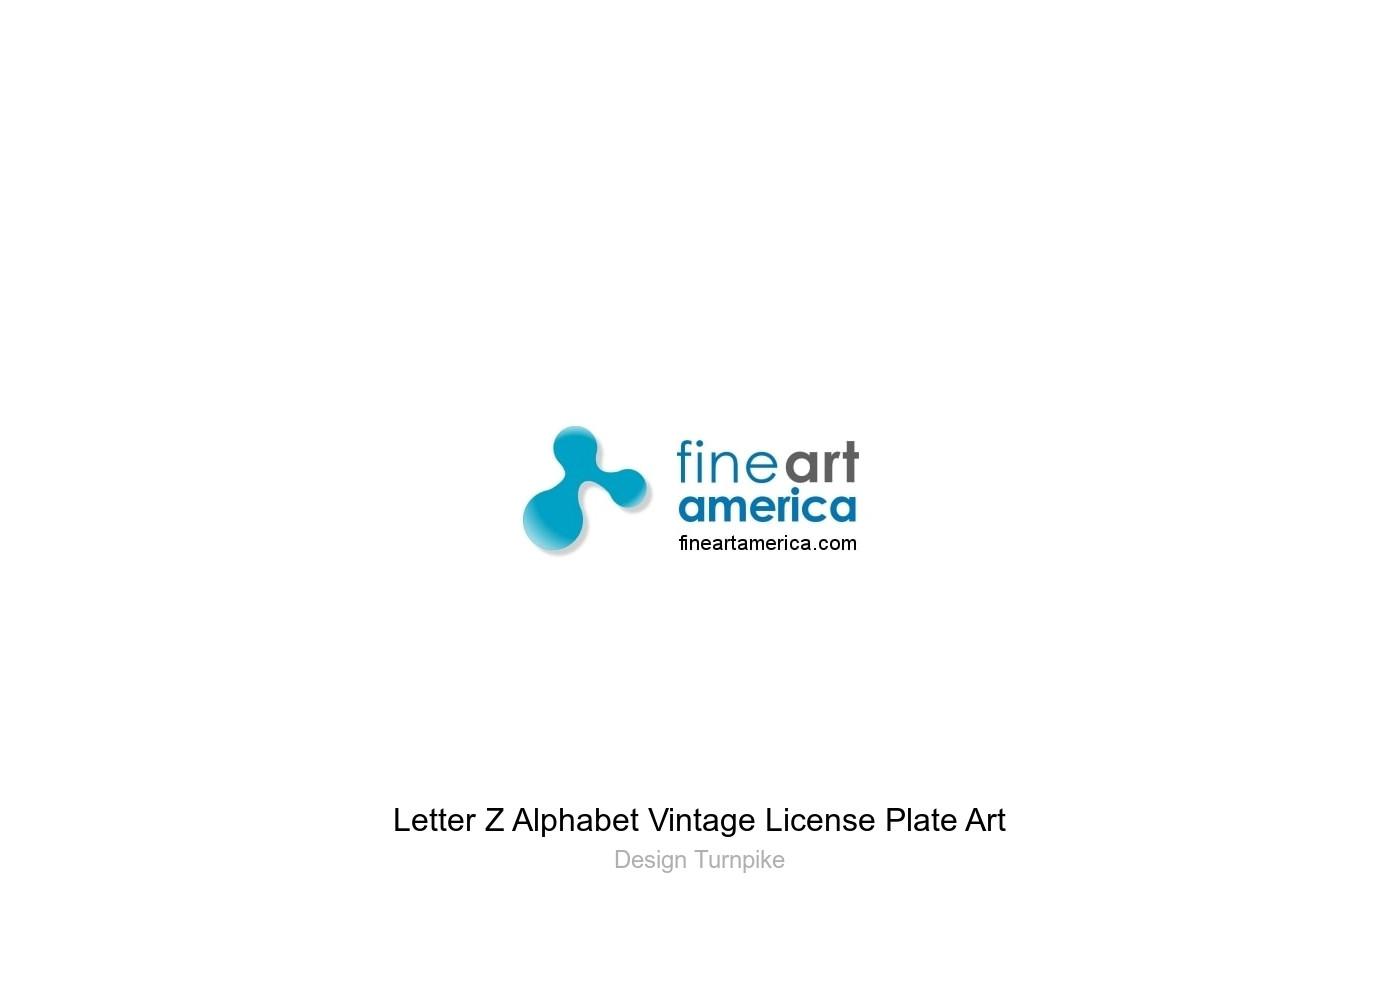 Letter Z Alphabet Vintage License Plate Art Greeting Card